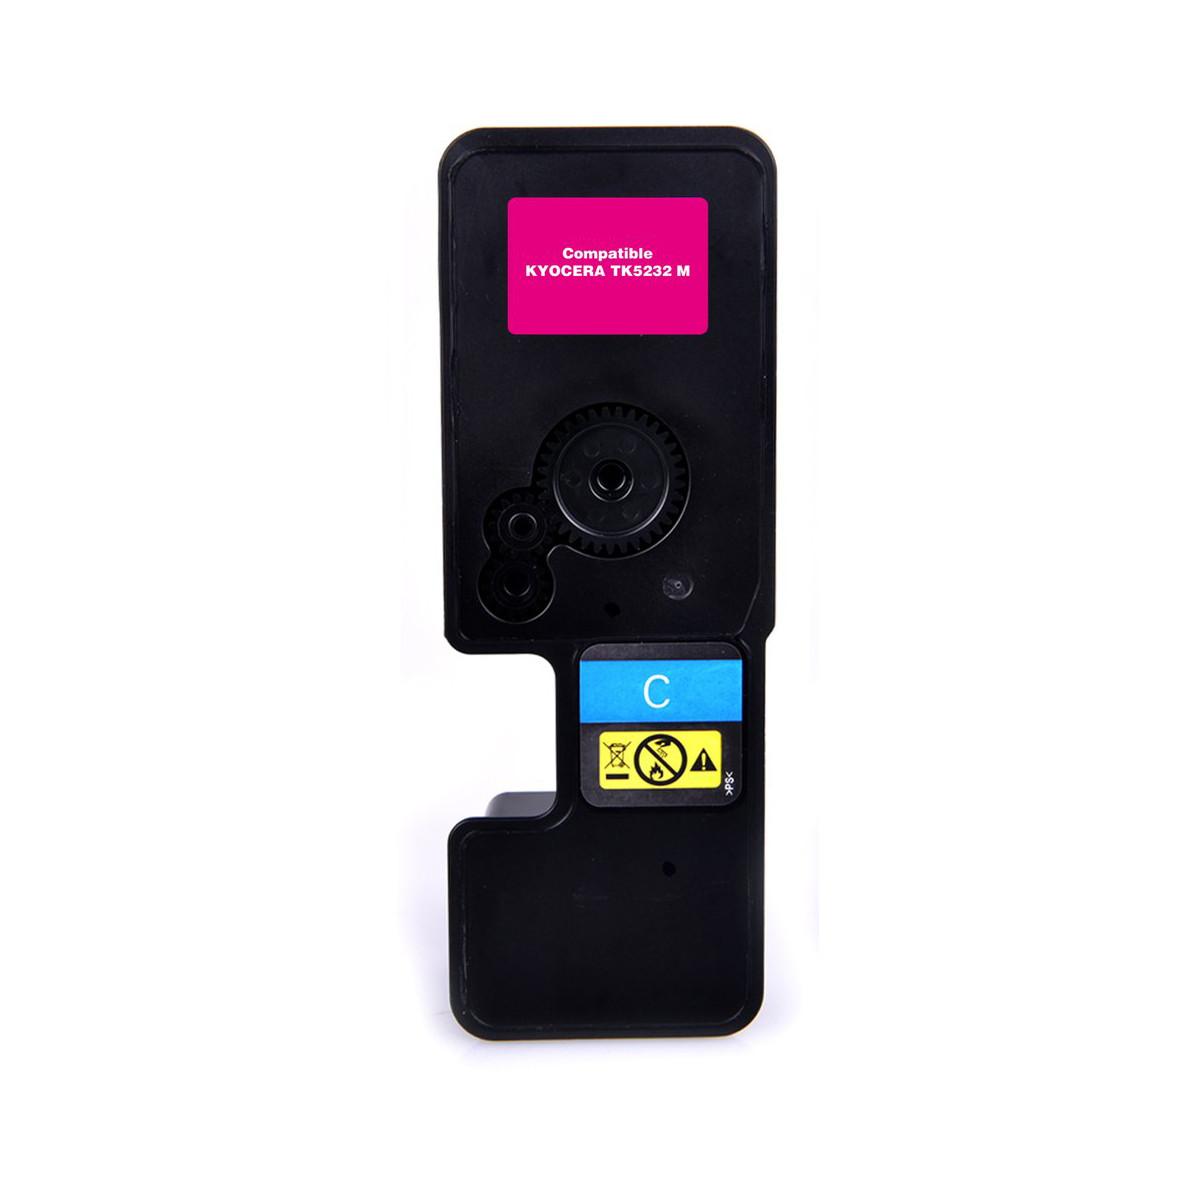 Toner Compatível com Kyocera TK-5232M TK5232 Magenta | P5021CDN 5021CDN M5521CDN | Importado 2.2k